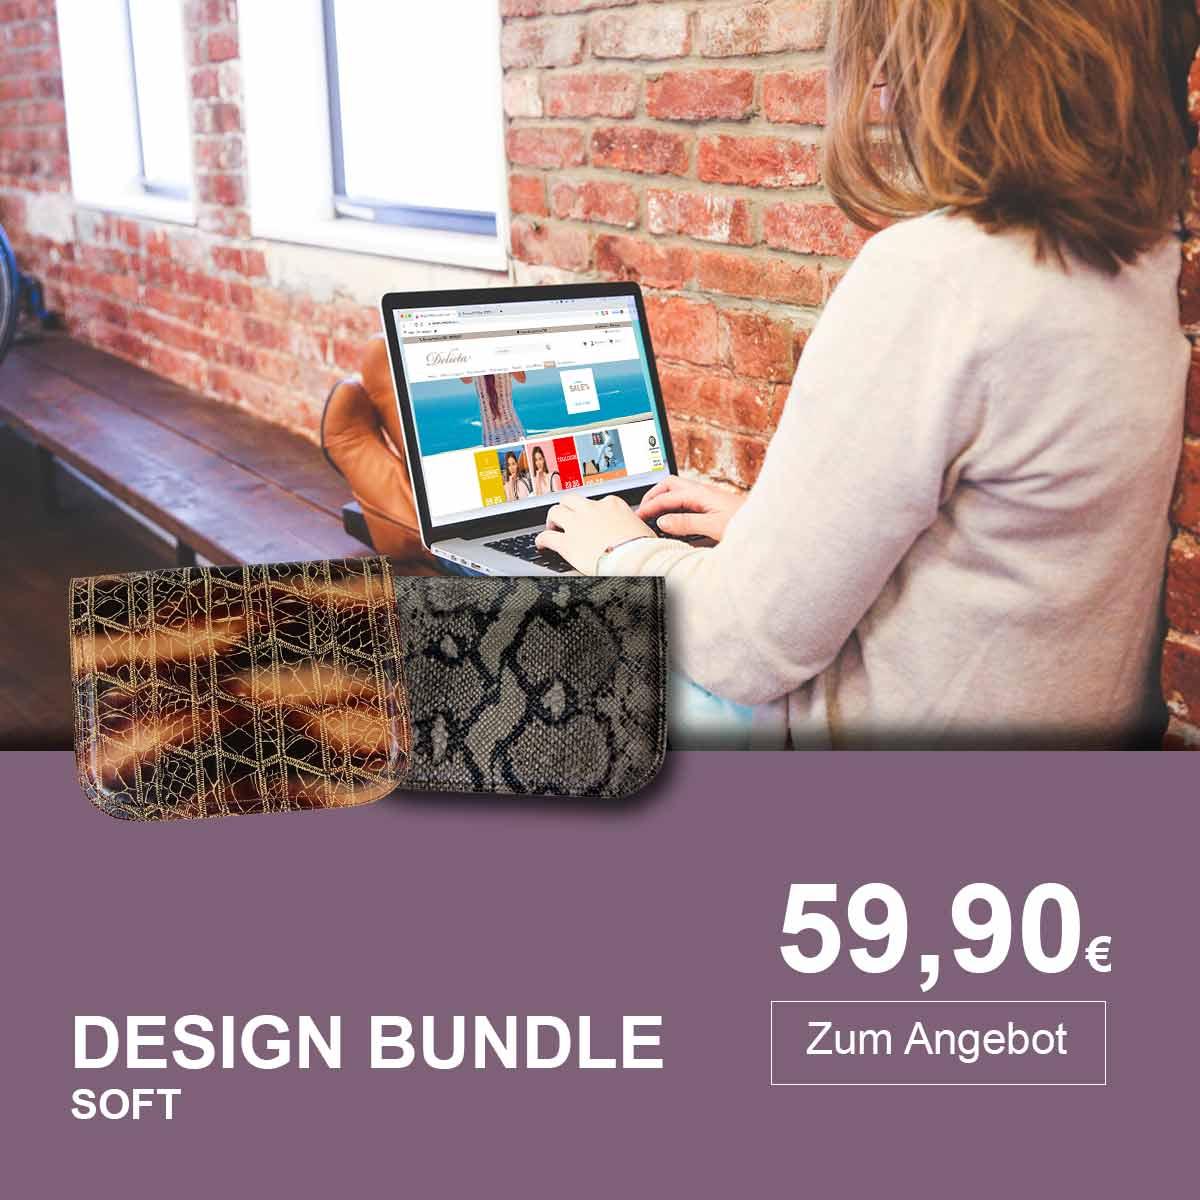 Design Bundle soft Oktober